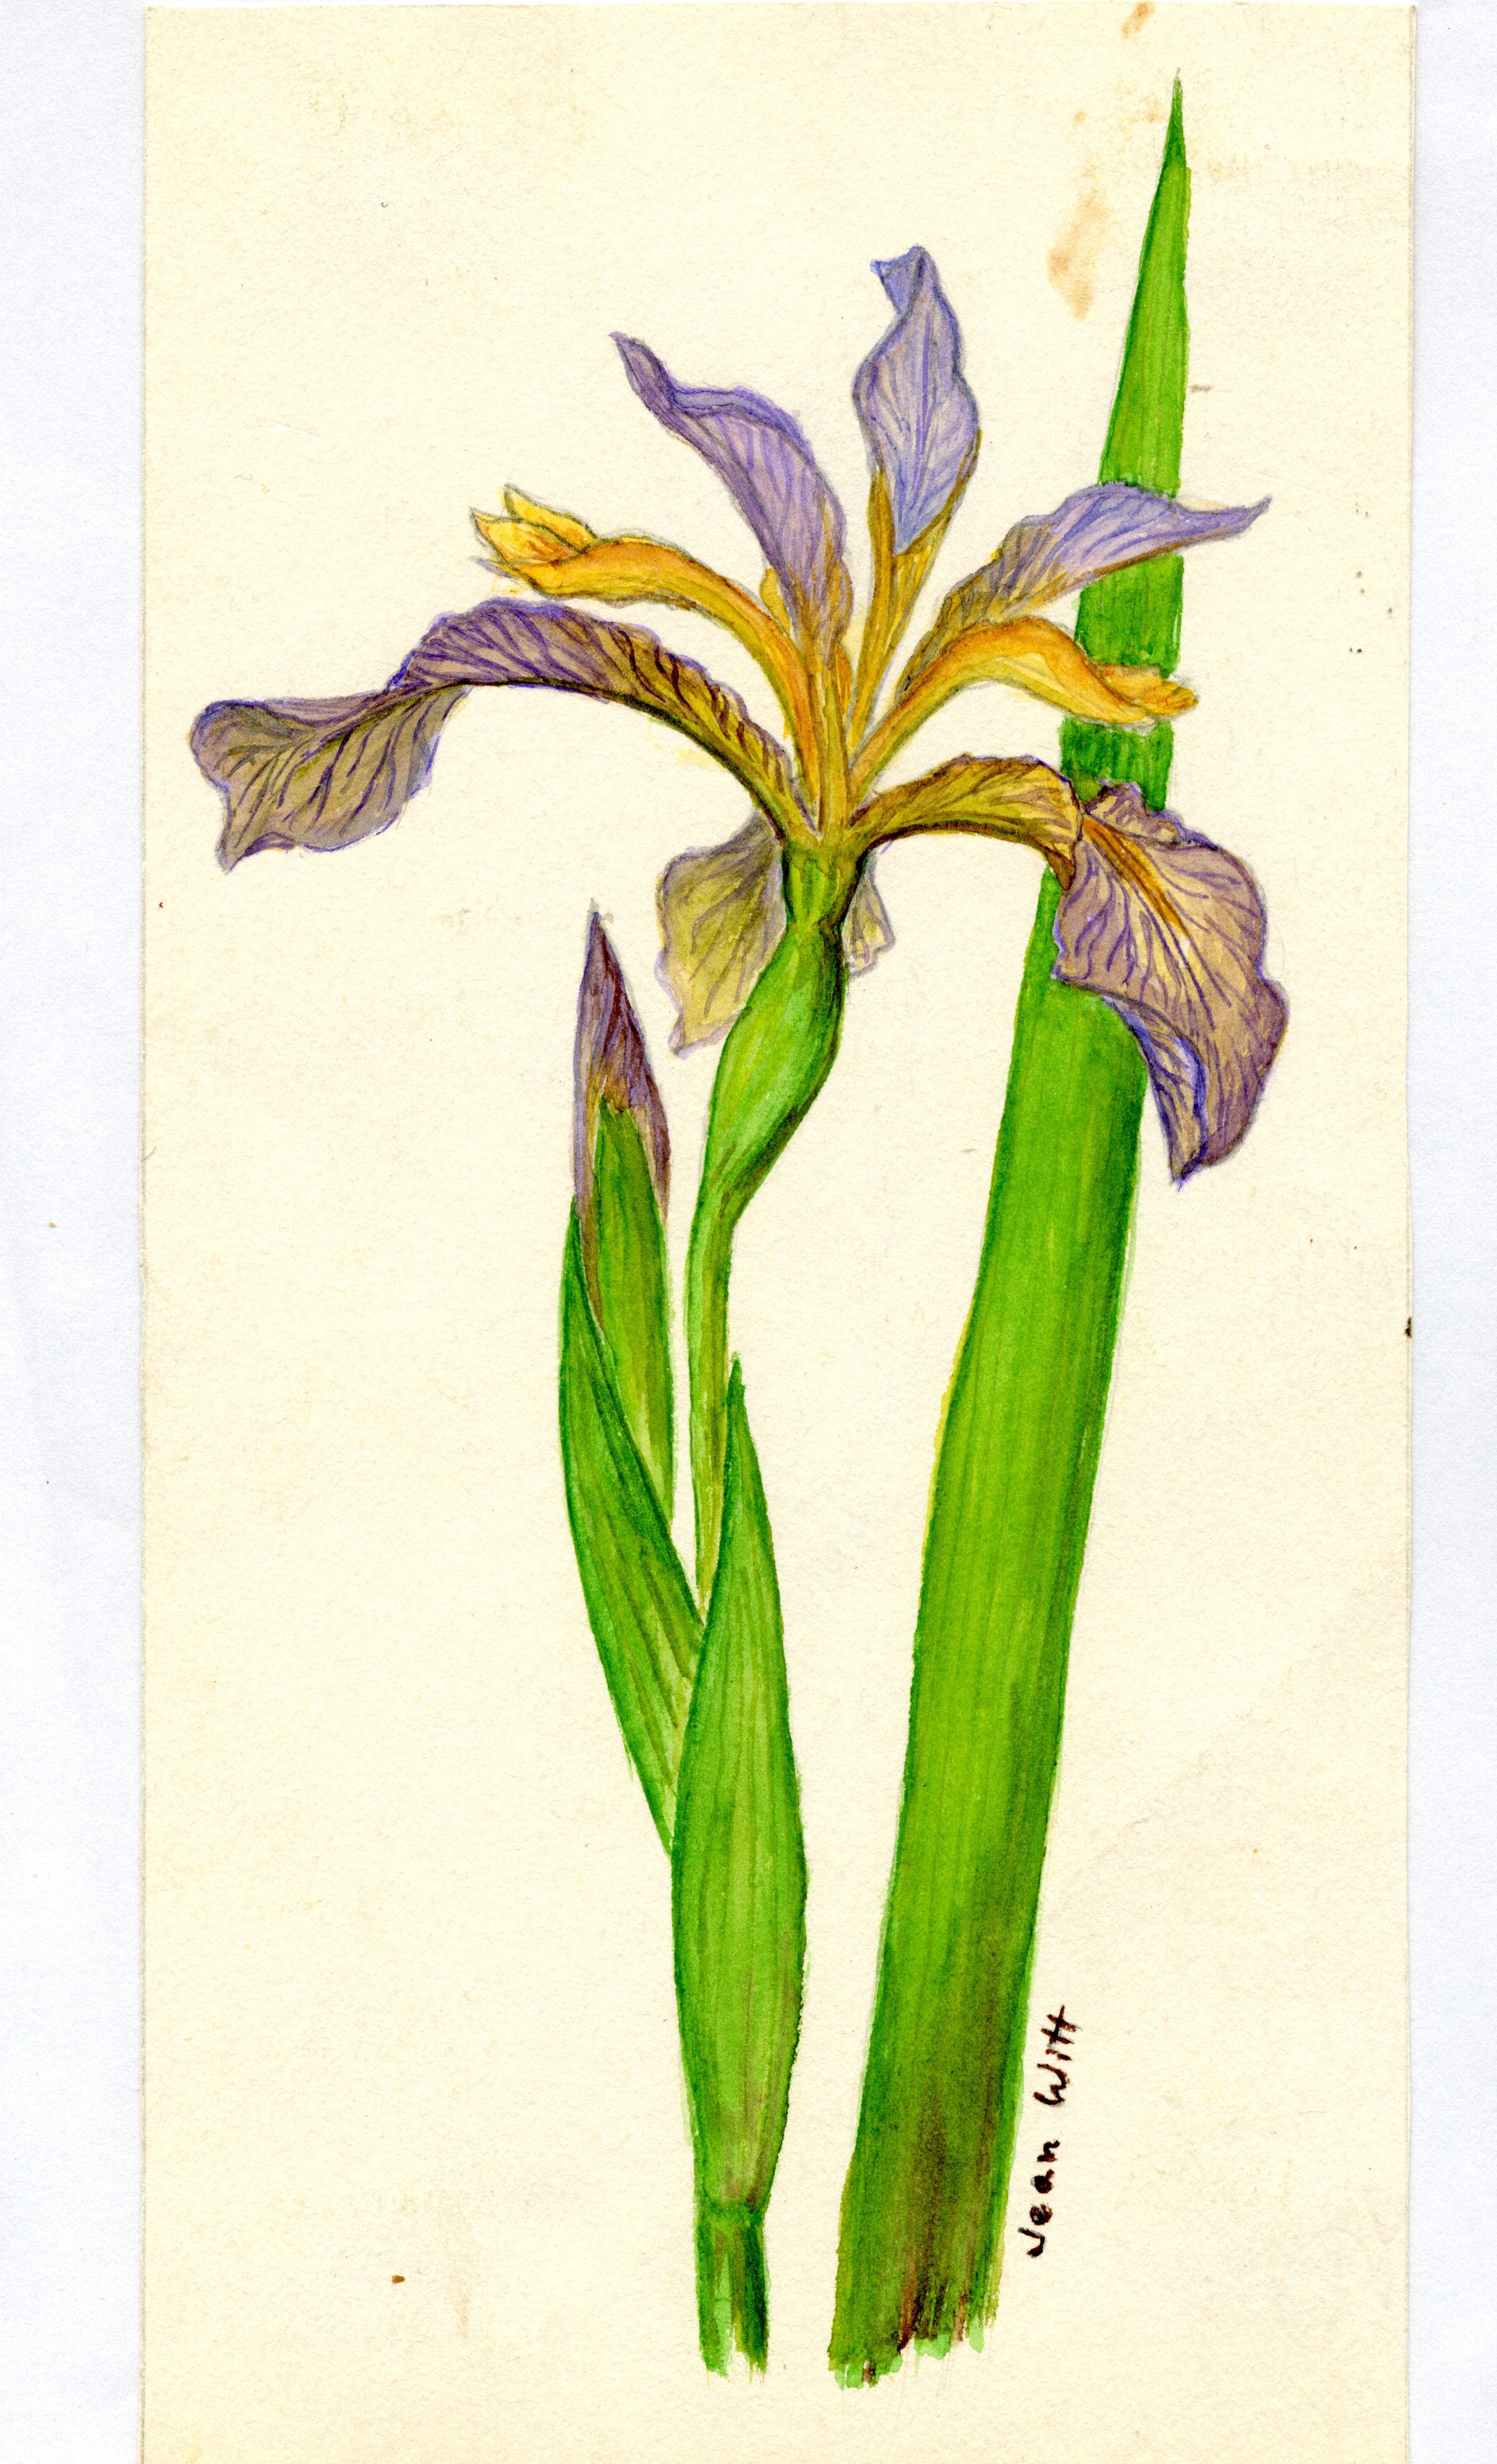 Iris foetidissima'